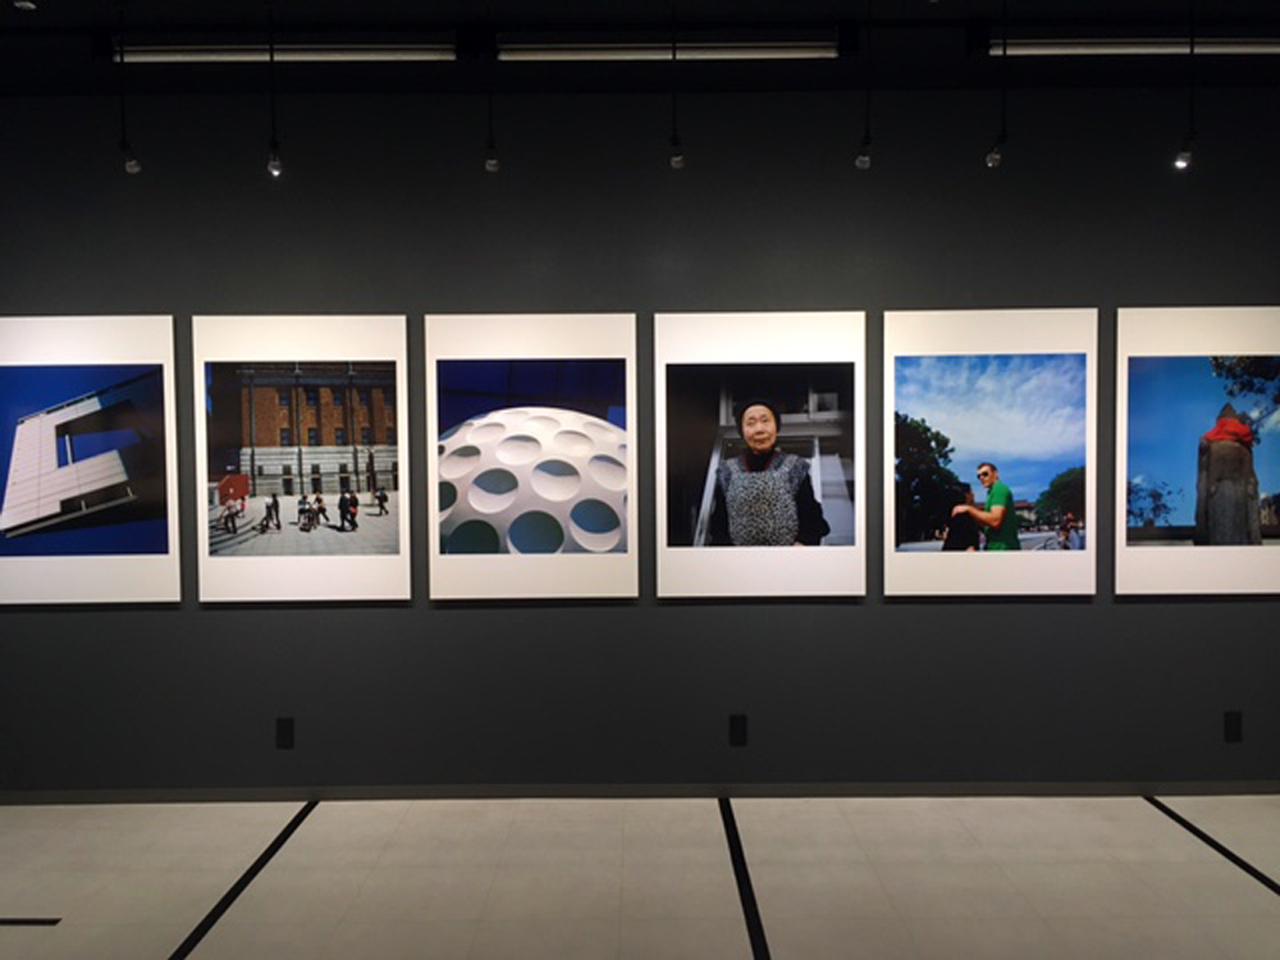 """画像2: 赤城耕一写真展『録々』。録々は""""ろくろく""""と読みます。6×6サイズのカメラで撮りためた作品群の展示です。"""